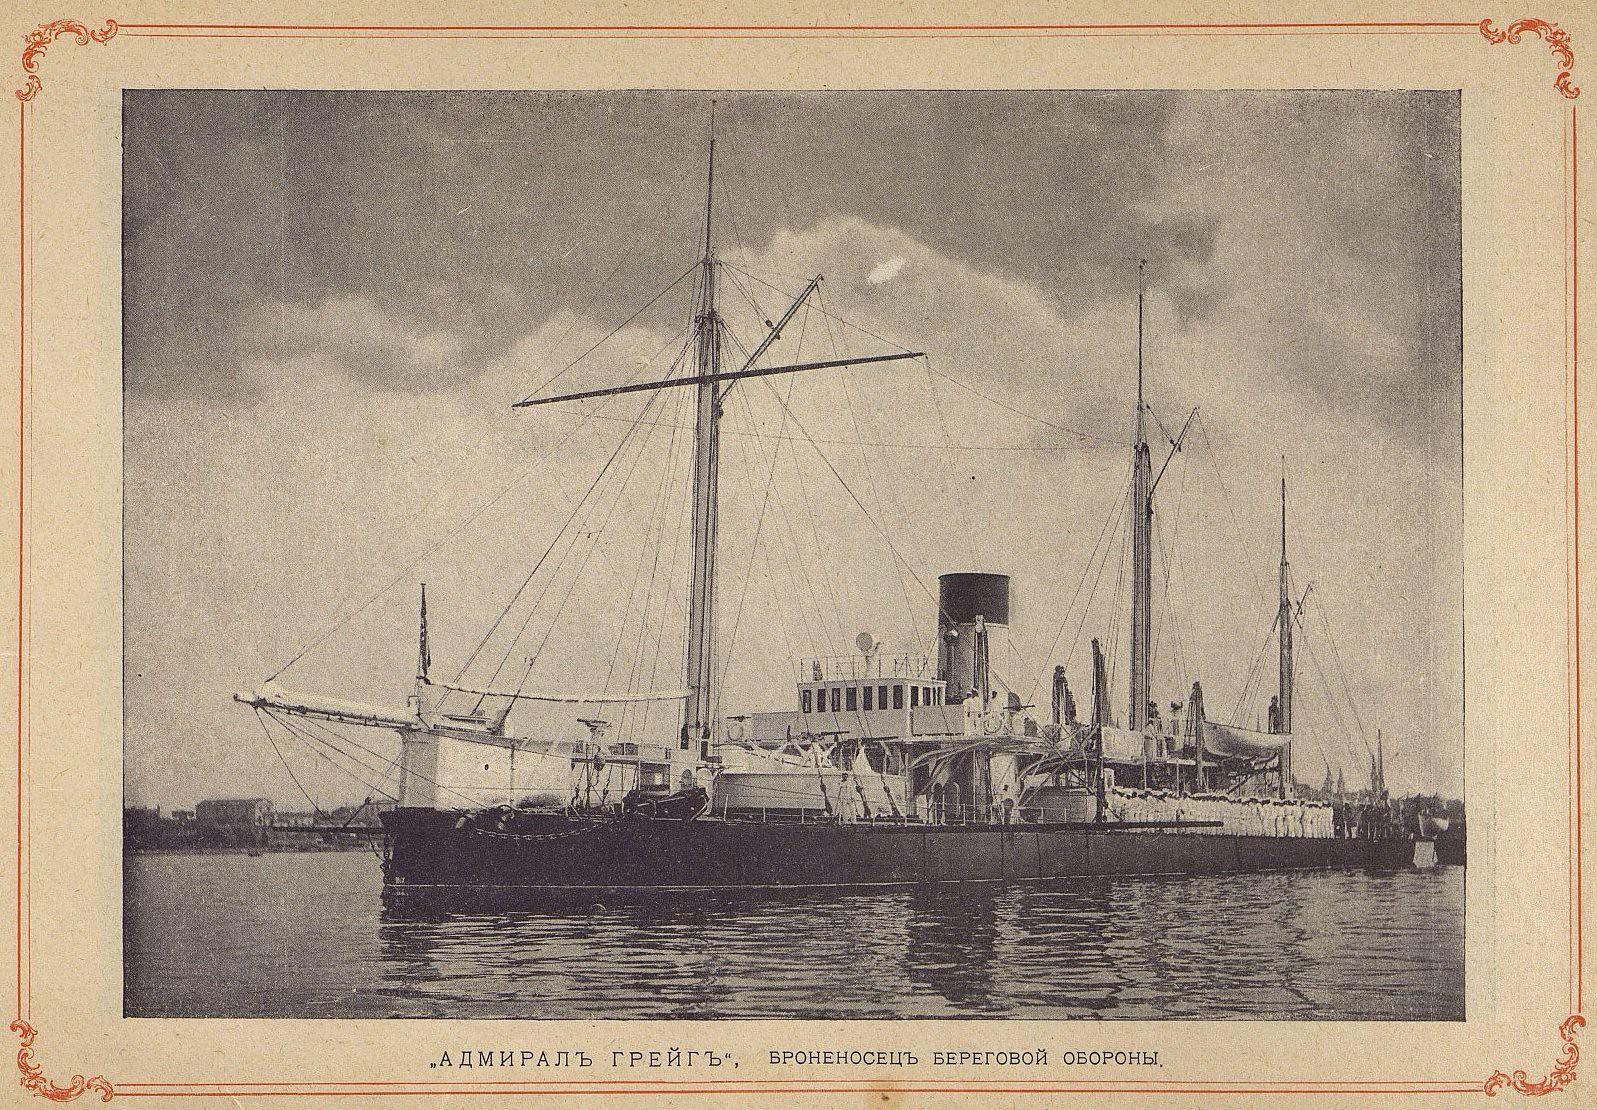 Броненосец «Адмирал Грейг»